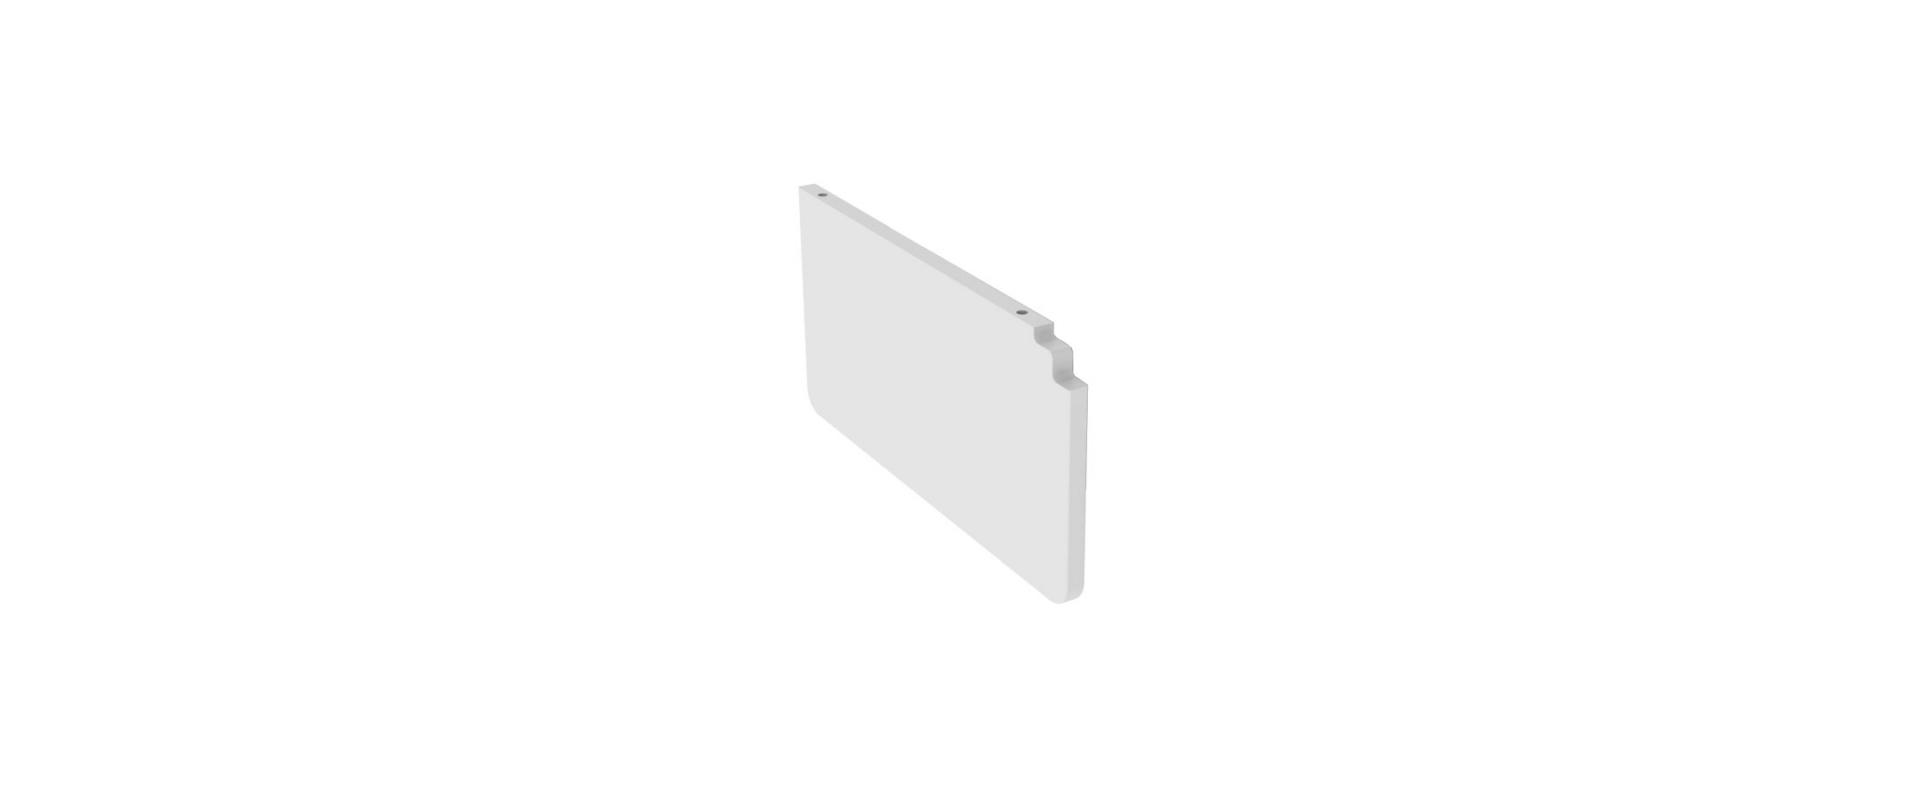 Panneau de sécurité latéral, pour un élévateur avec un panneau de couverture, Baselift 6300